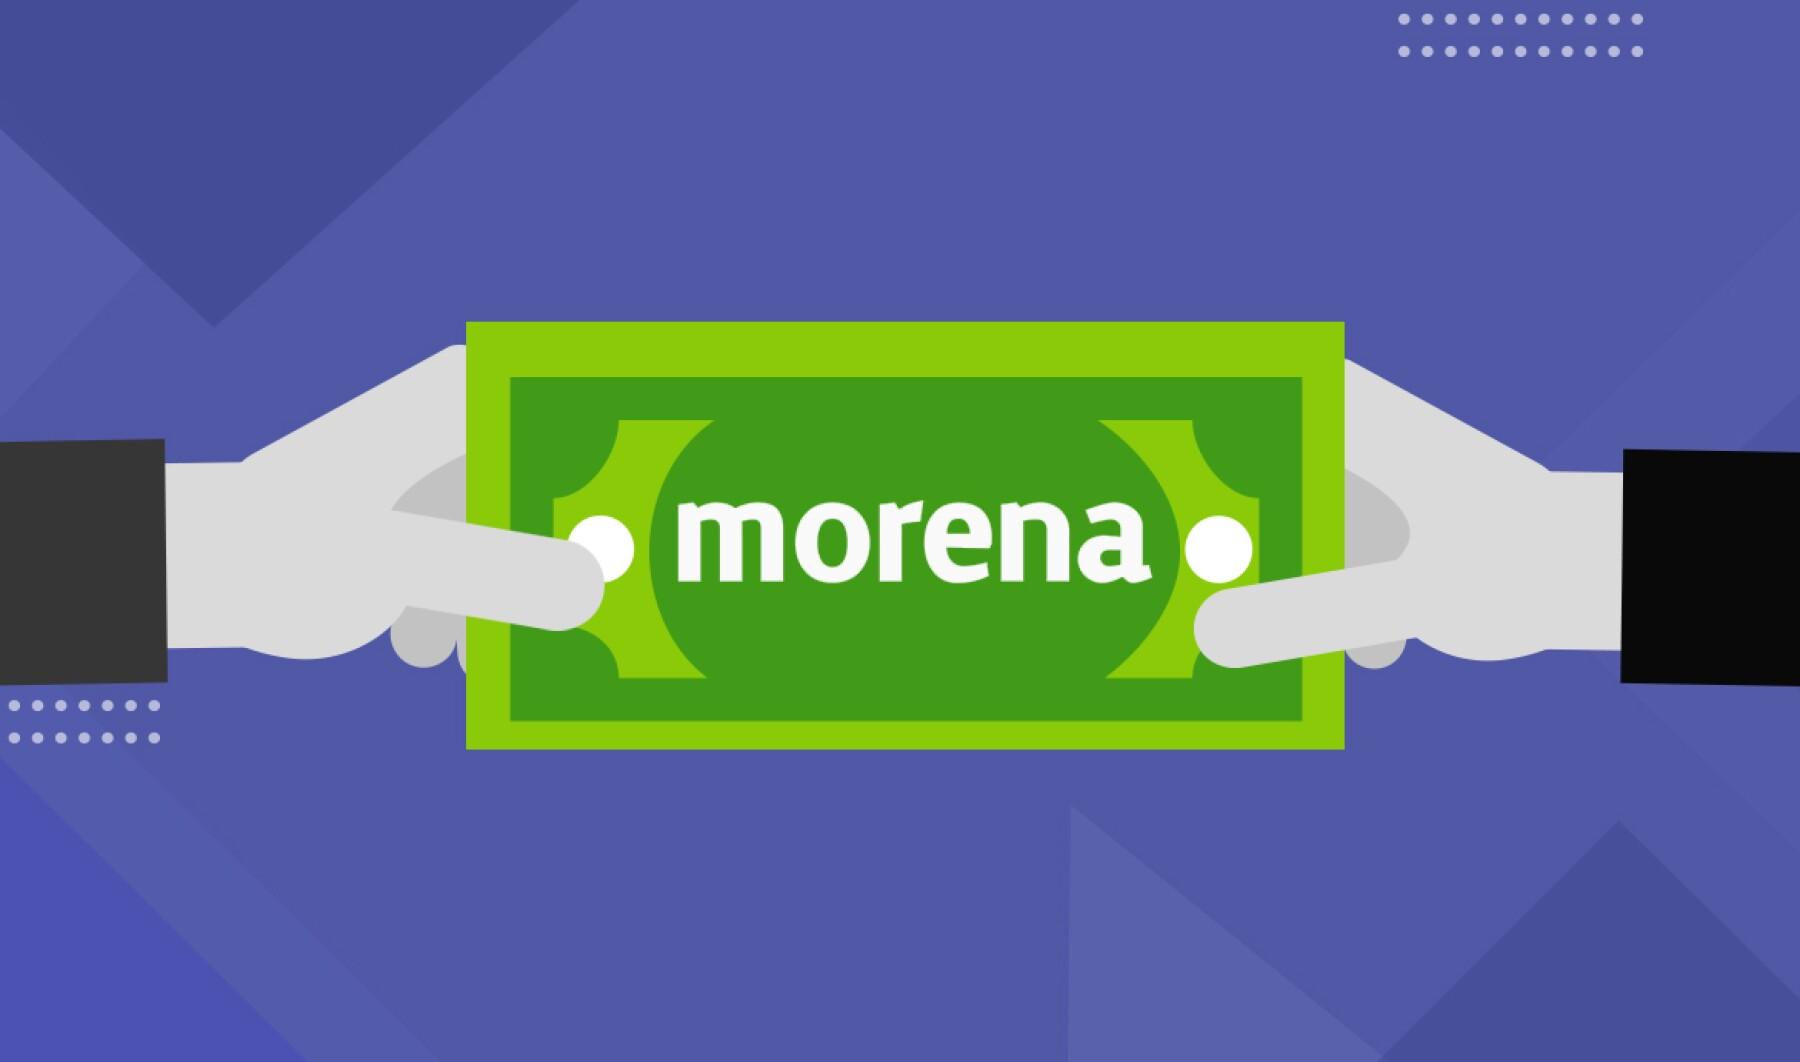 Morena-e-instituto-de-formación.jpg